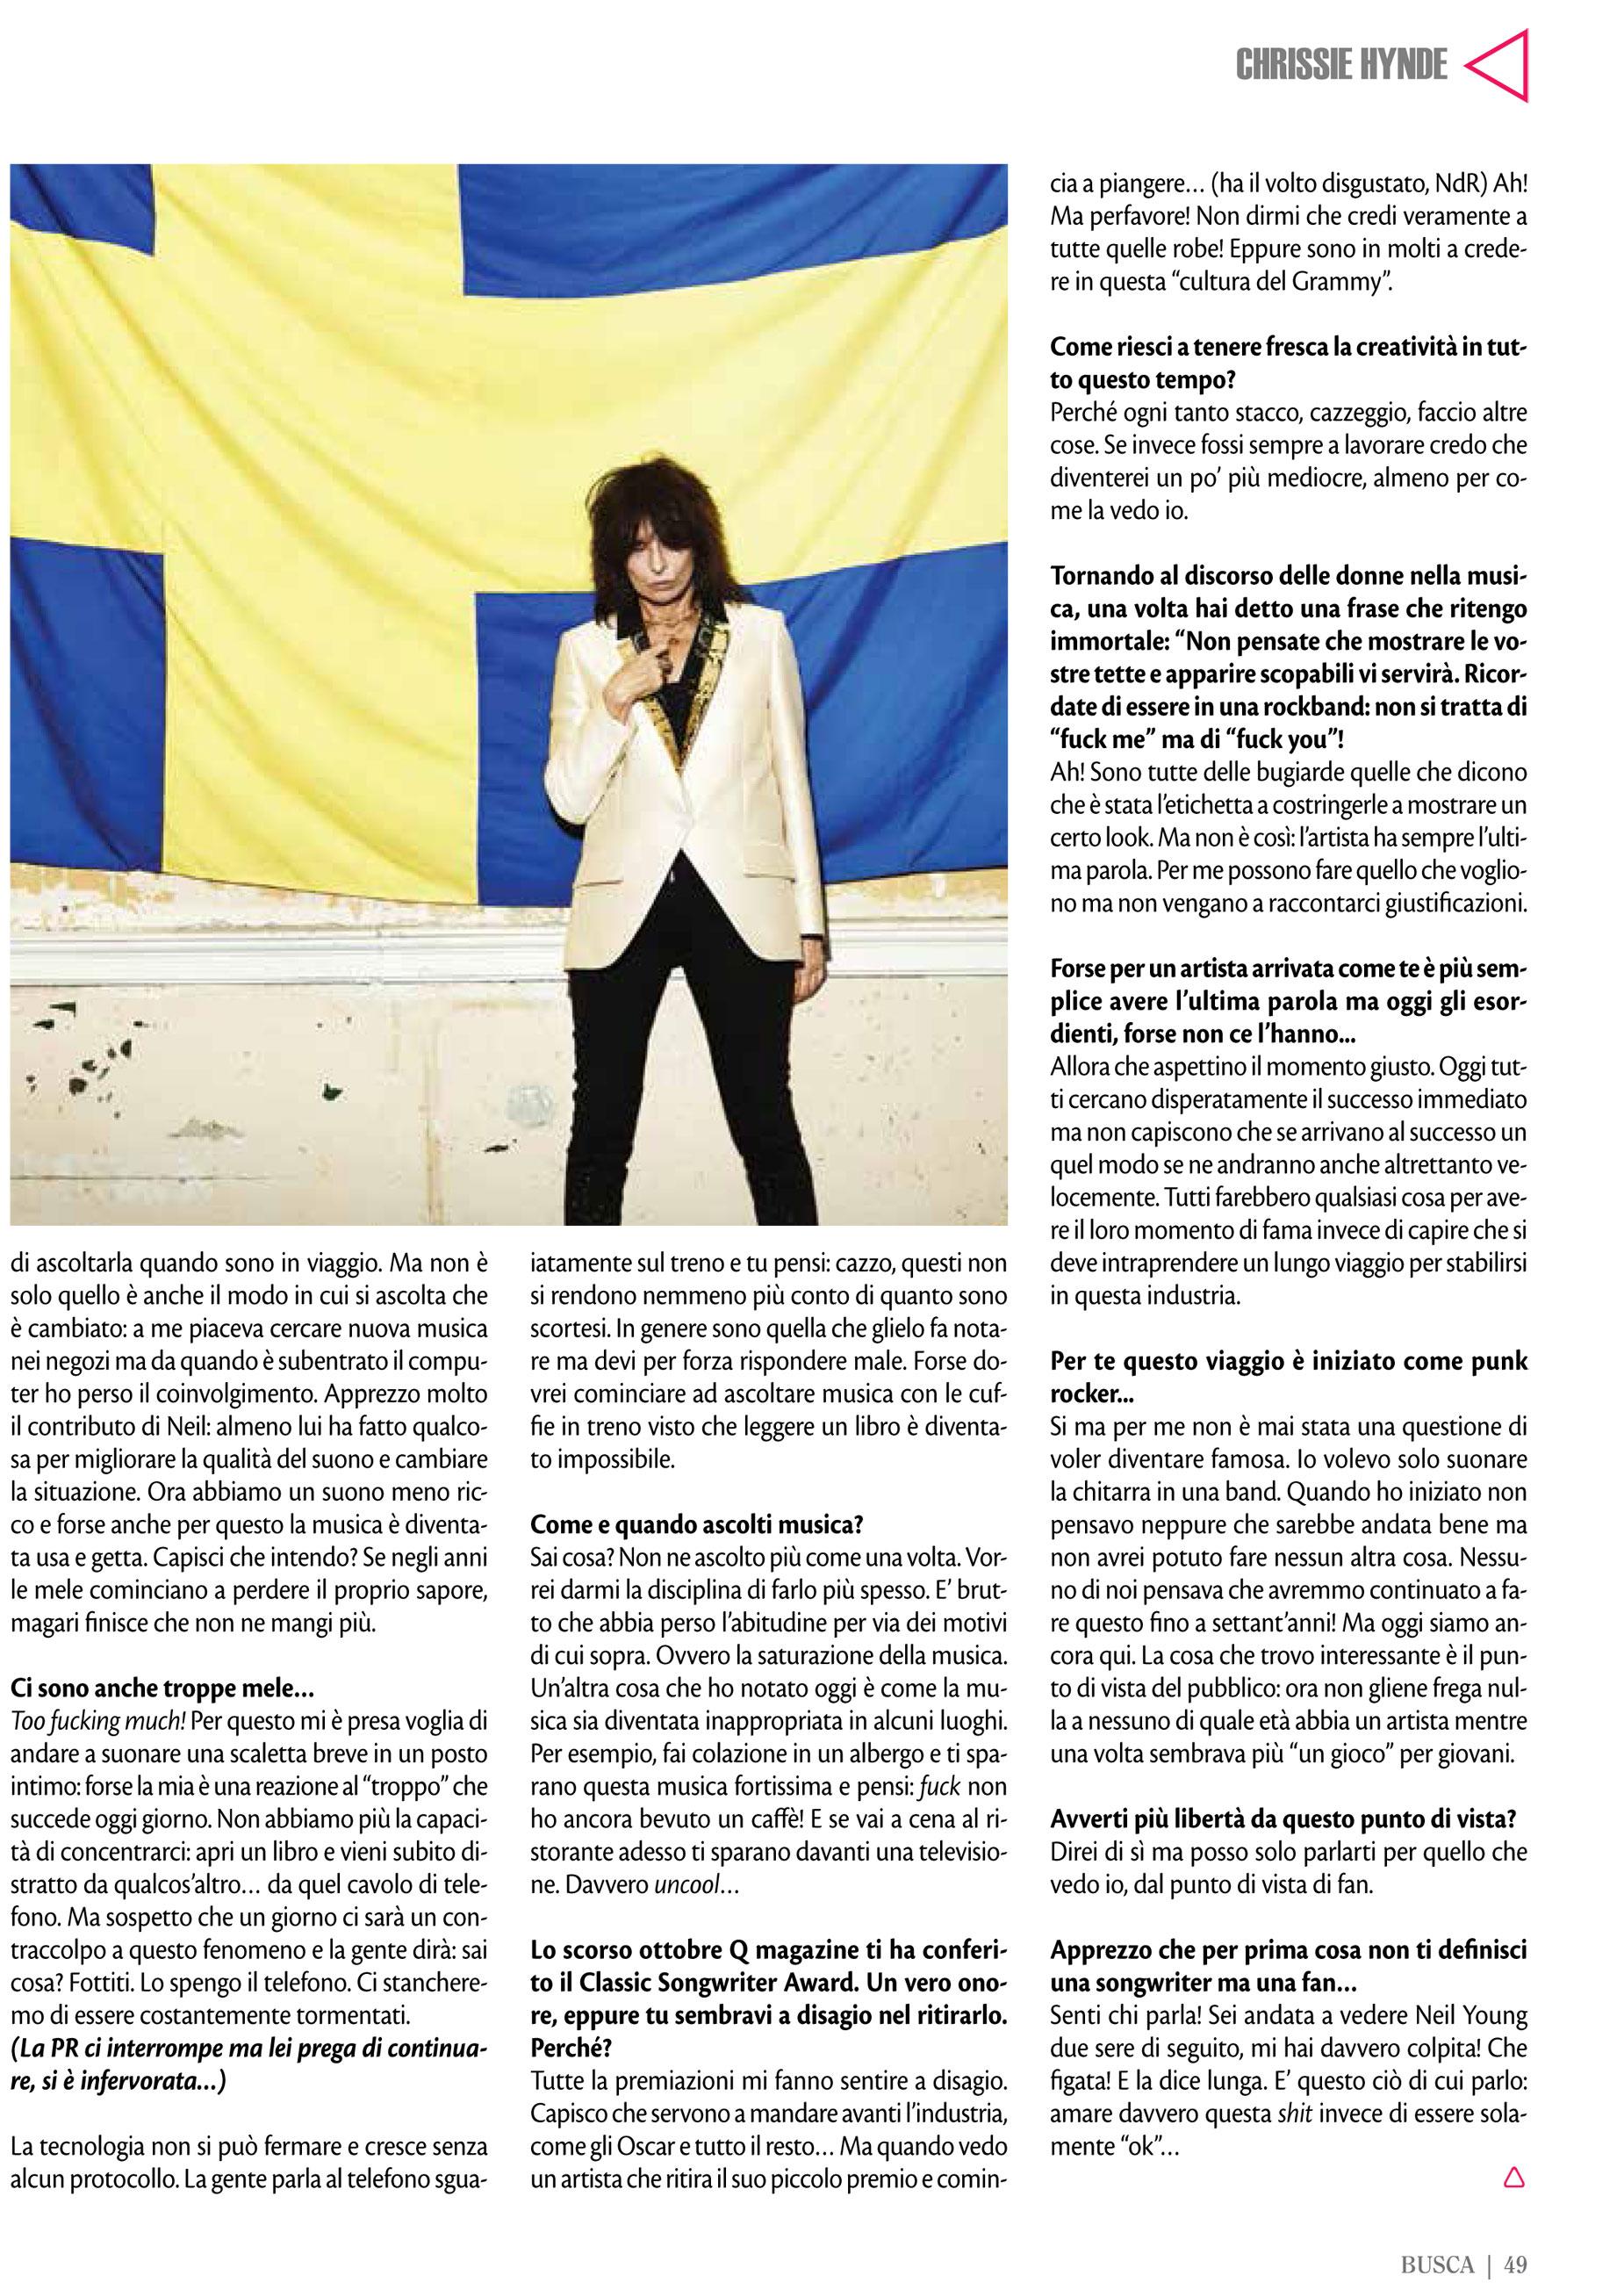 Buscadero: Chrissie Hynde interview